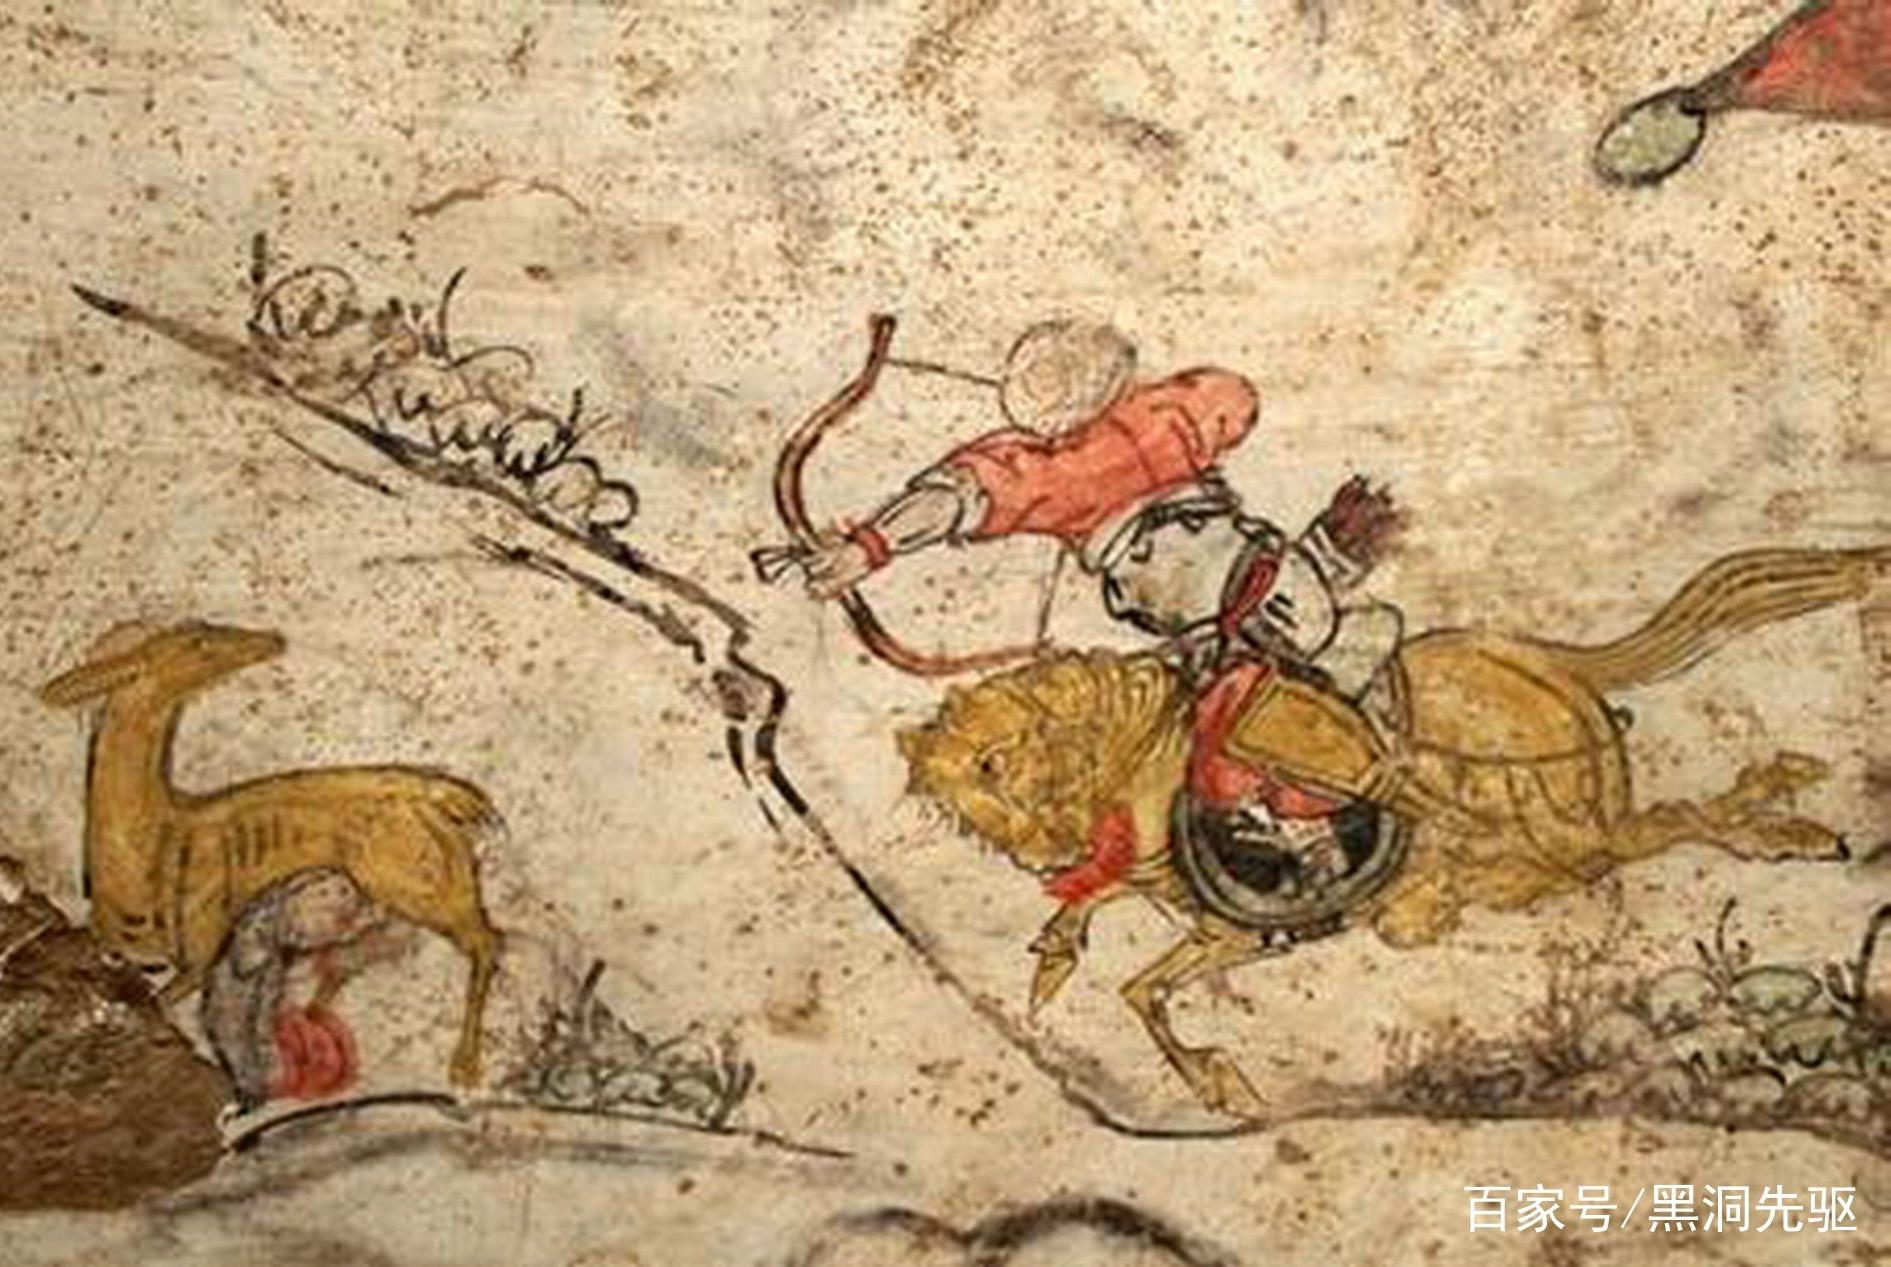 古老洞穴壁画中出现现代交通工具,真的有人穿越回去了?